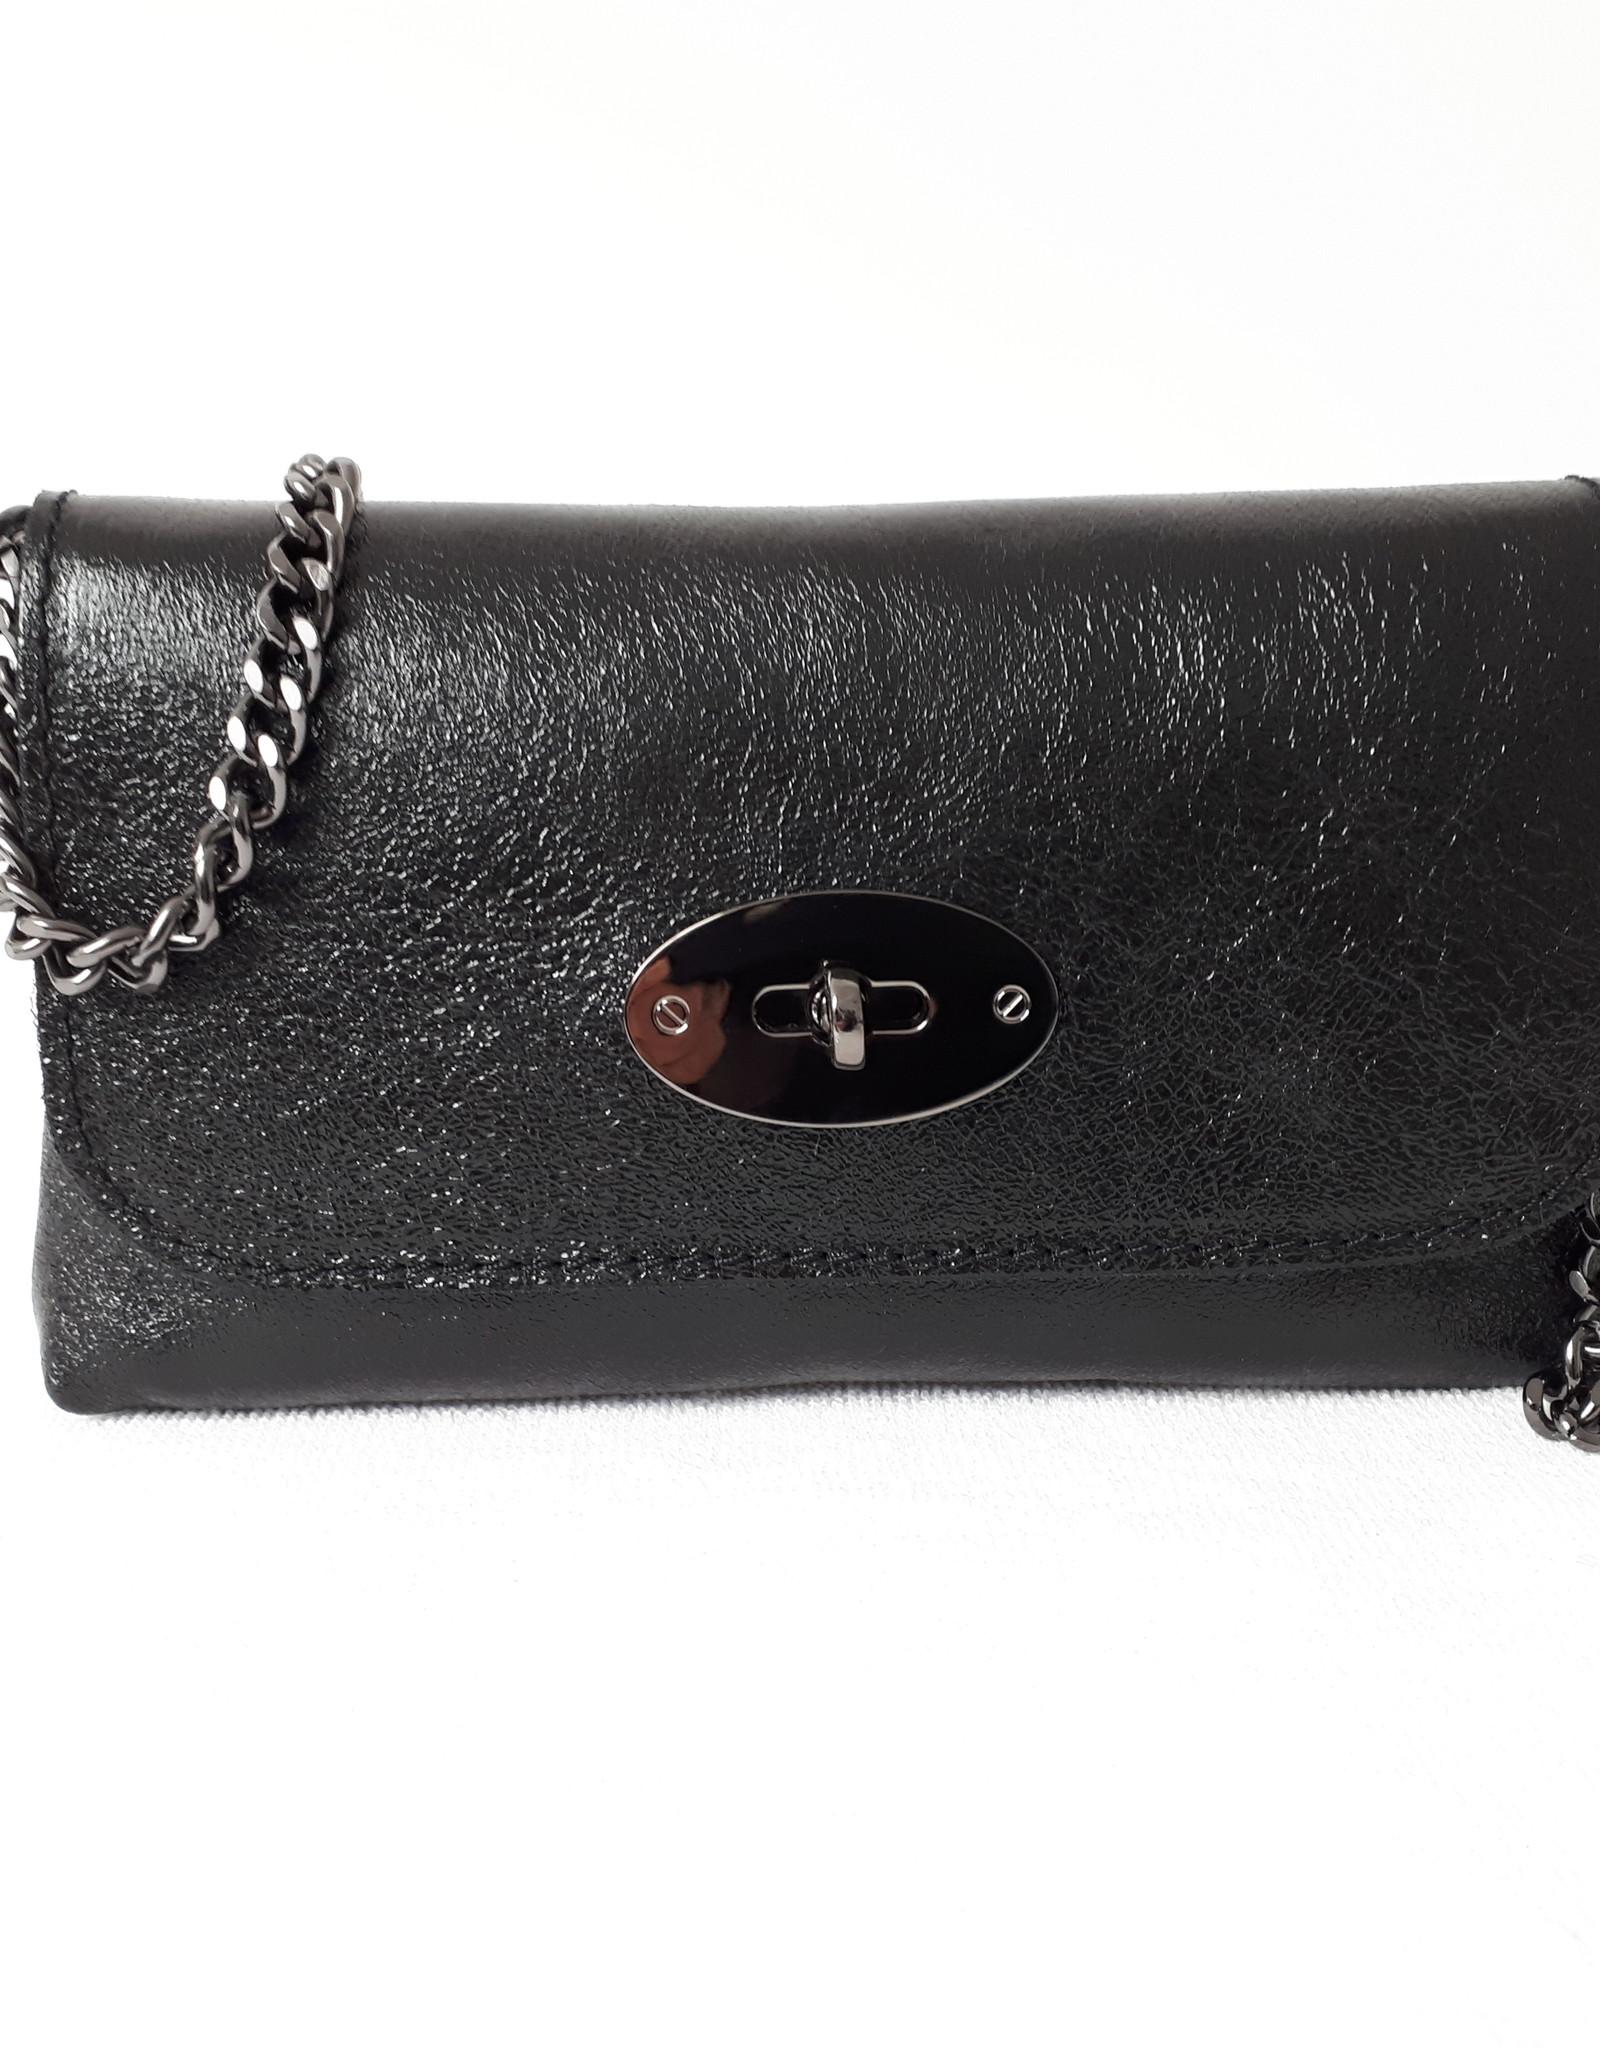 About accessories Dames Leren Tas  met Draaisluiting